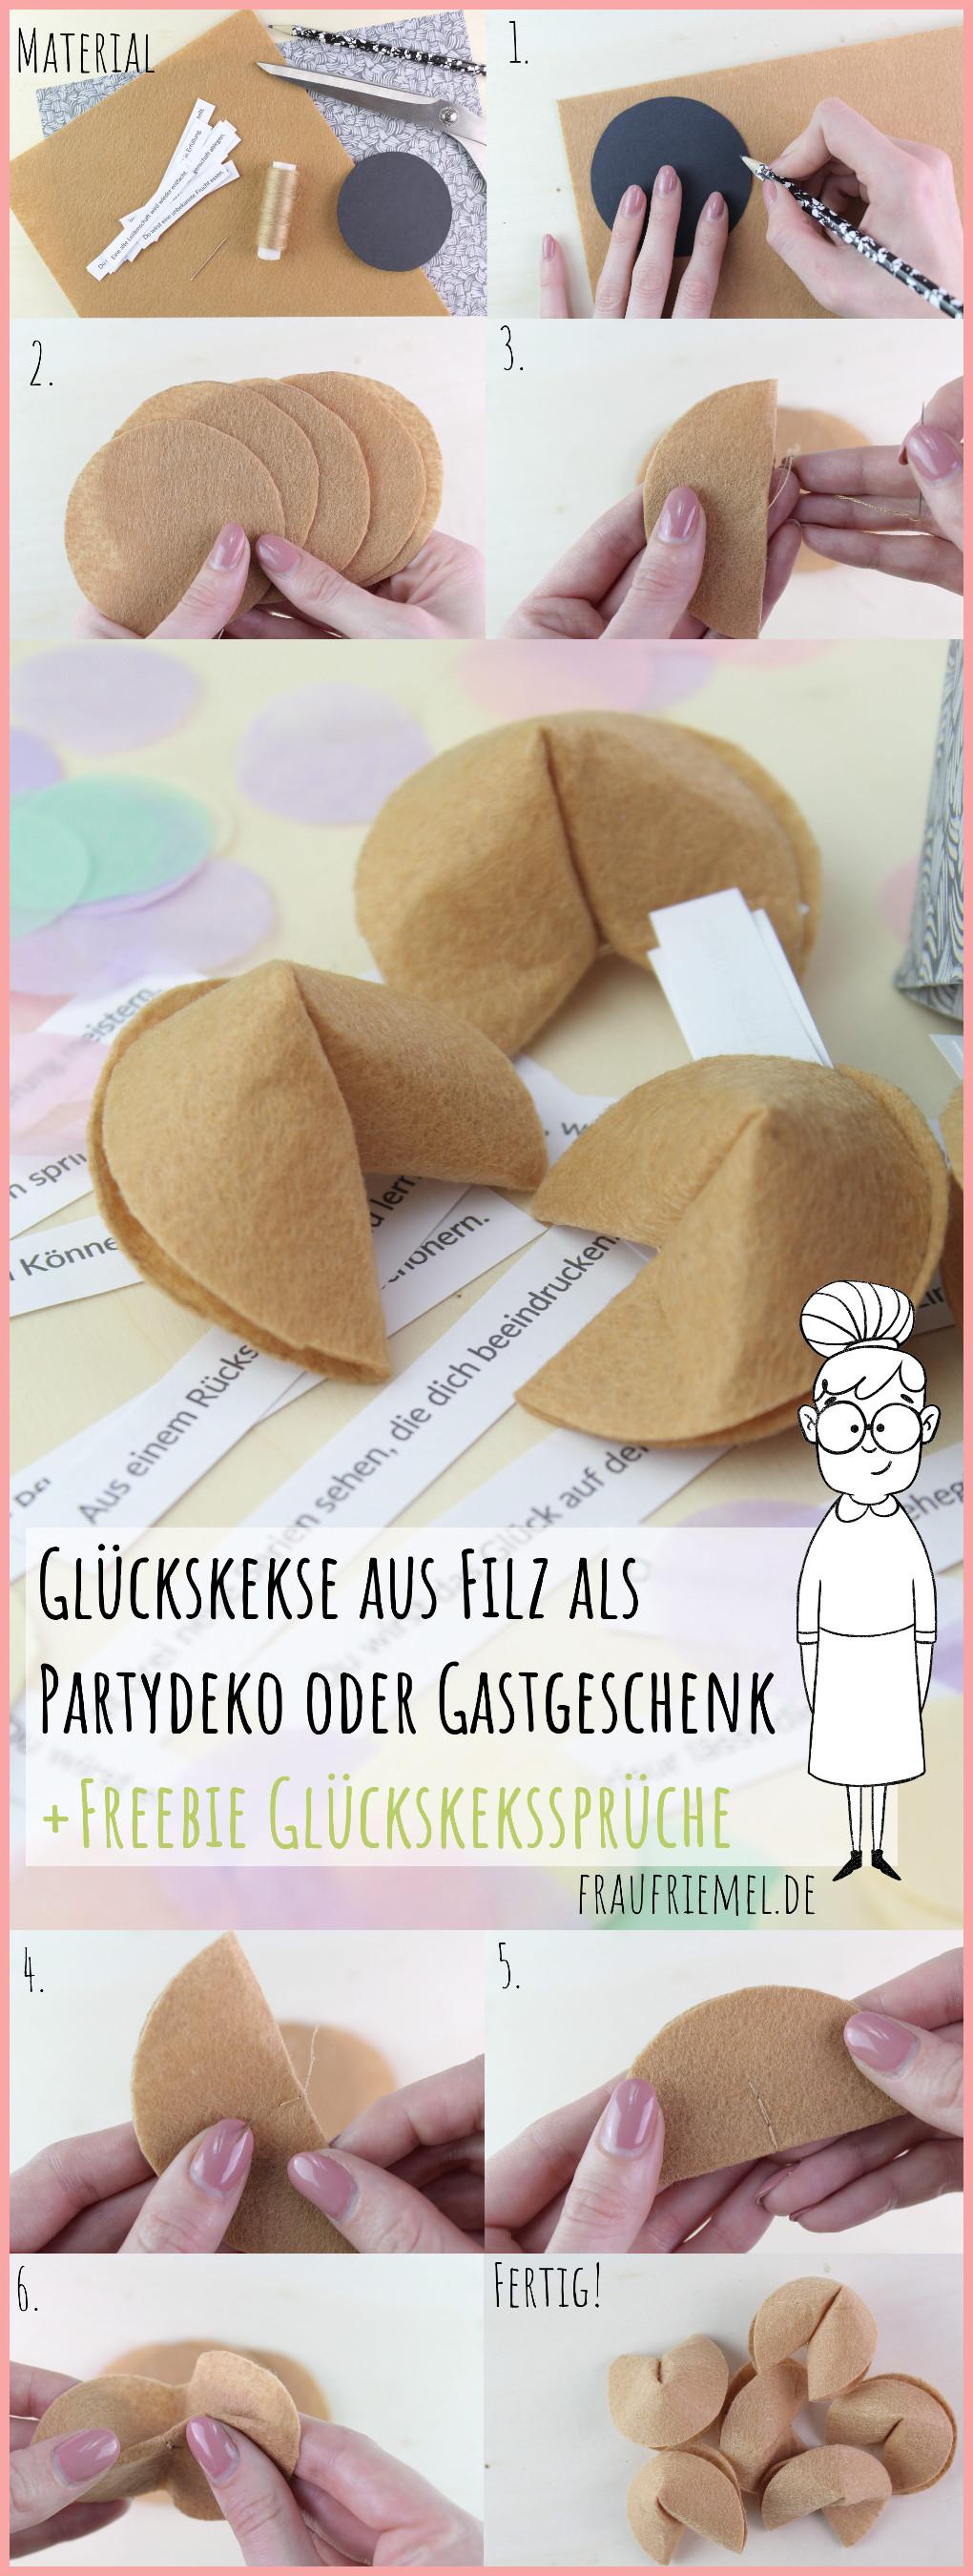 Gesamtanleitung Partydeko saelber machen - Glückskekse aus Filz